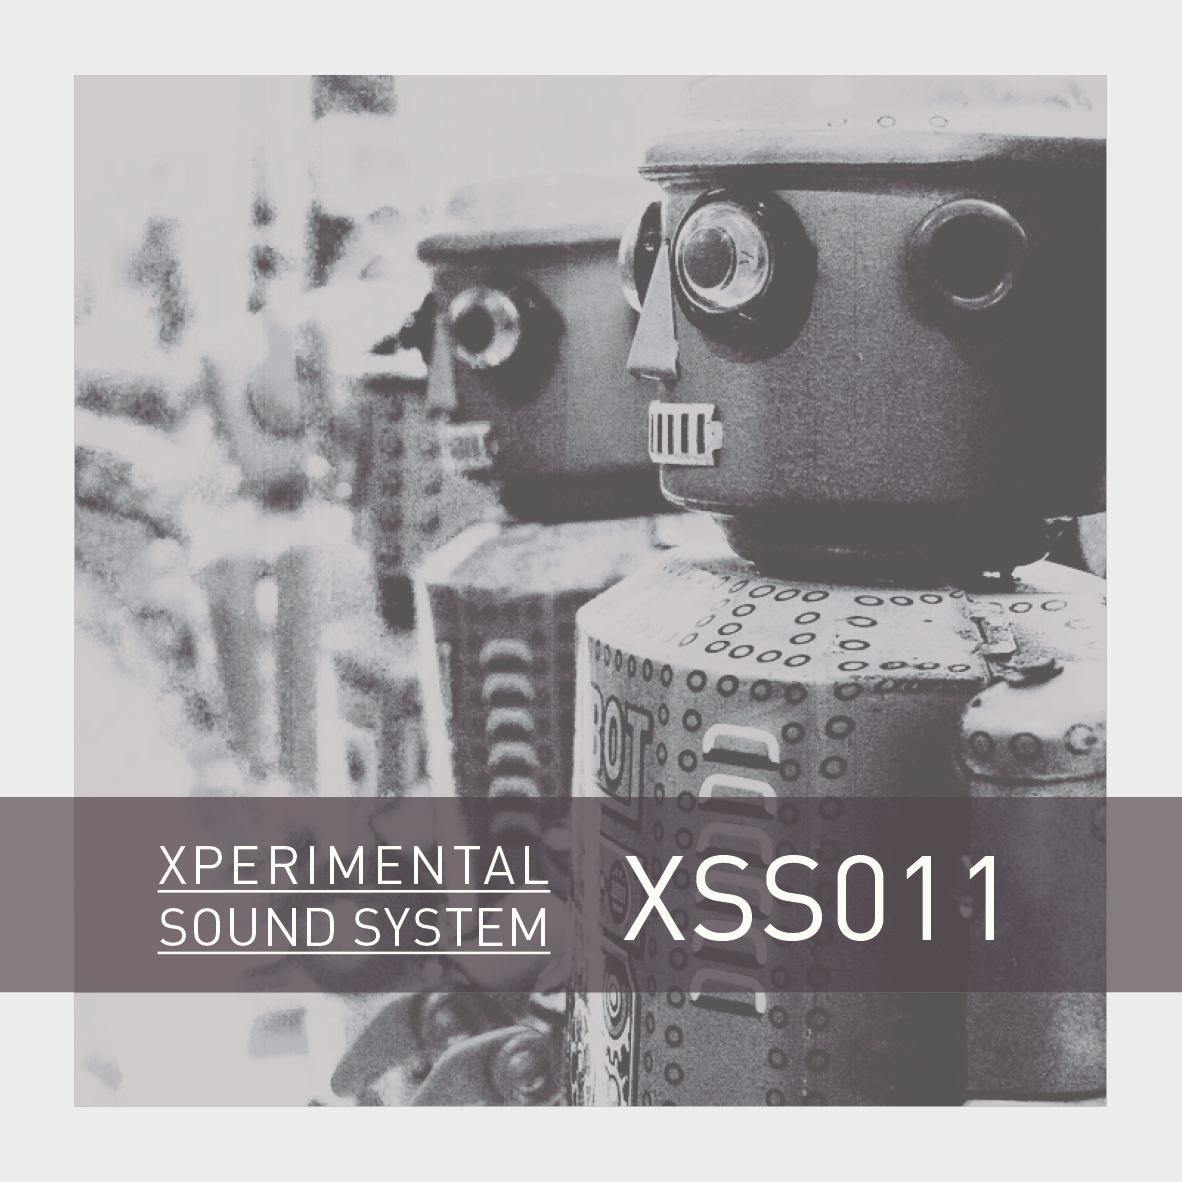 XSS011